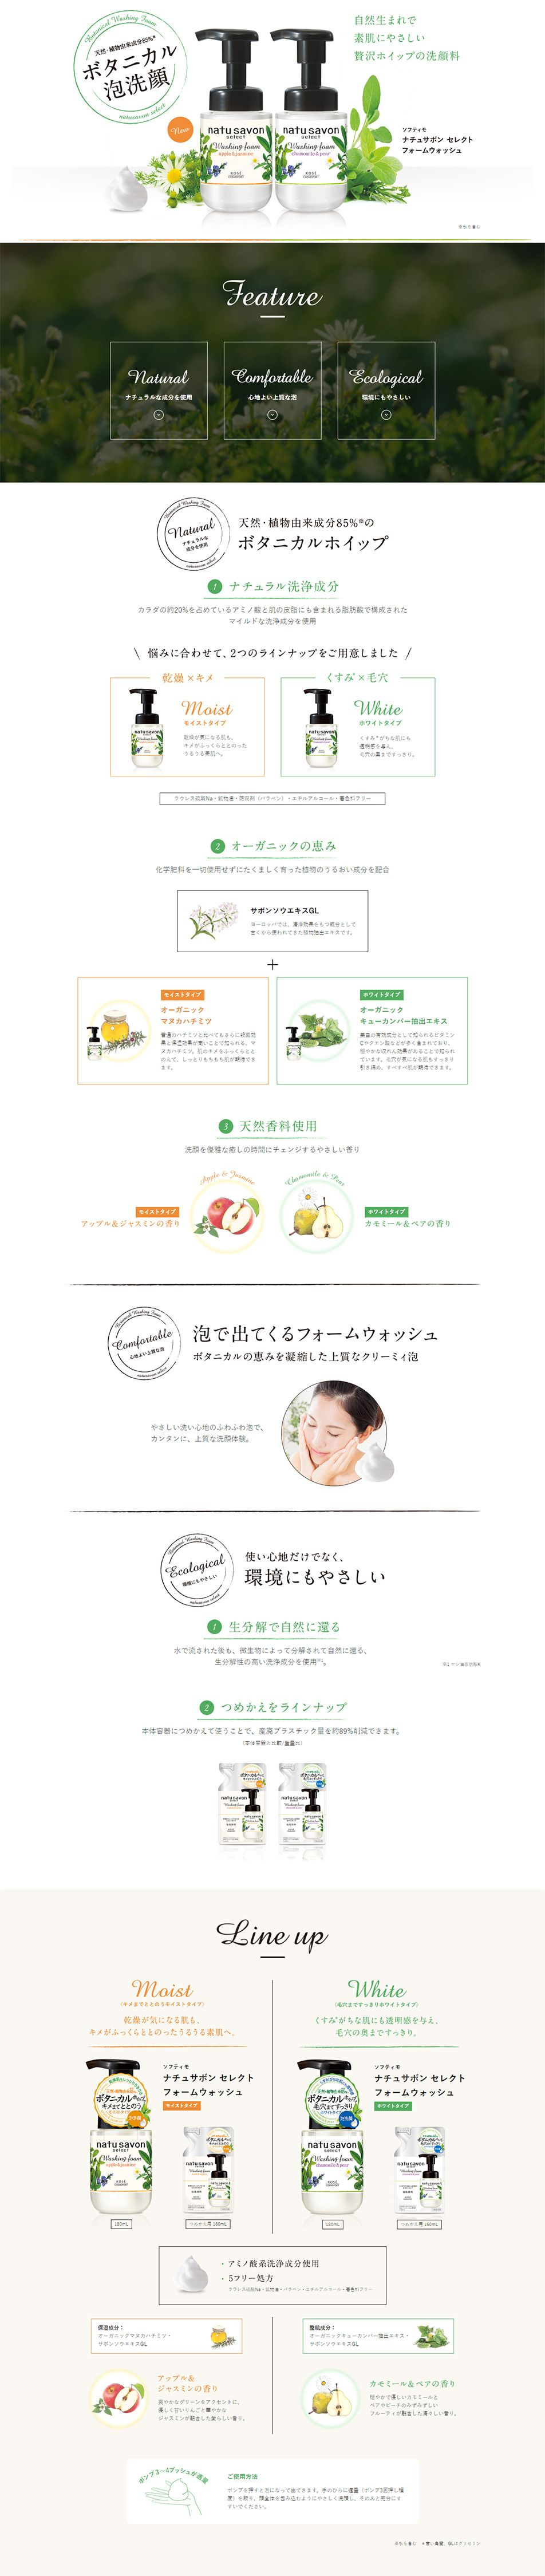 ソフティモ ナチュサボン セレクト【スキンケア・美容商品関連】のlp